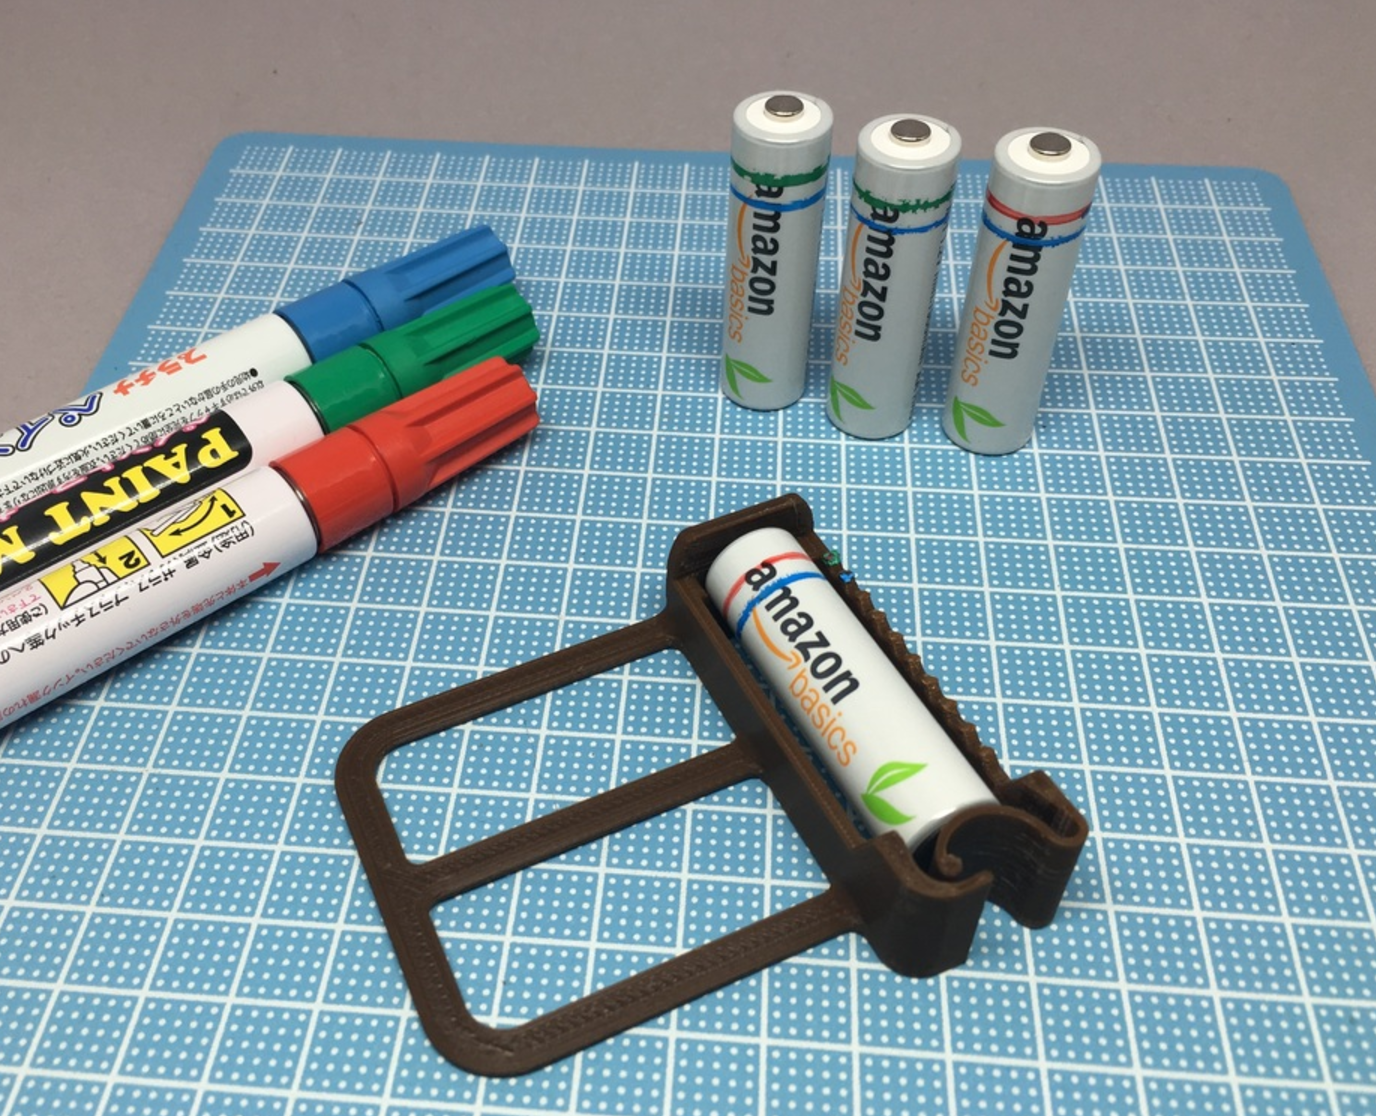 Capture d'écran 2017-05-30 à 16.40.24.png Download free STL file AA Battery Painting Jig • 3D print design, CyberCyclist